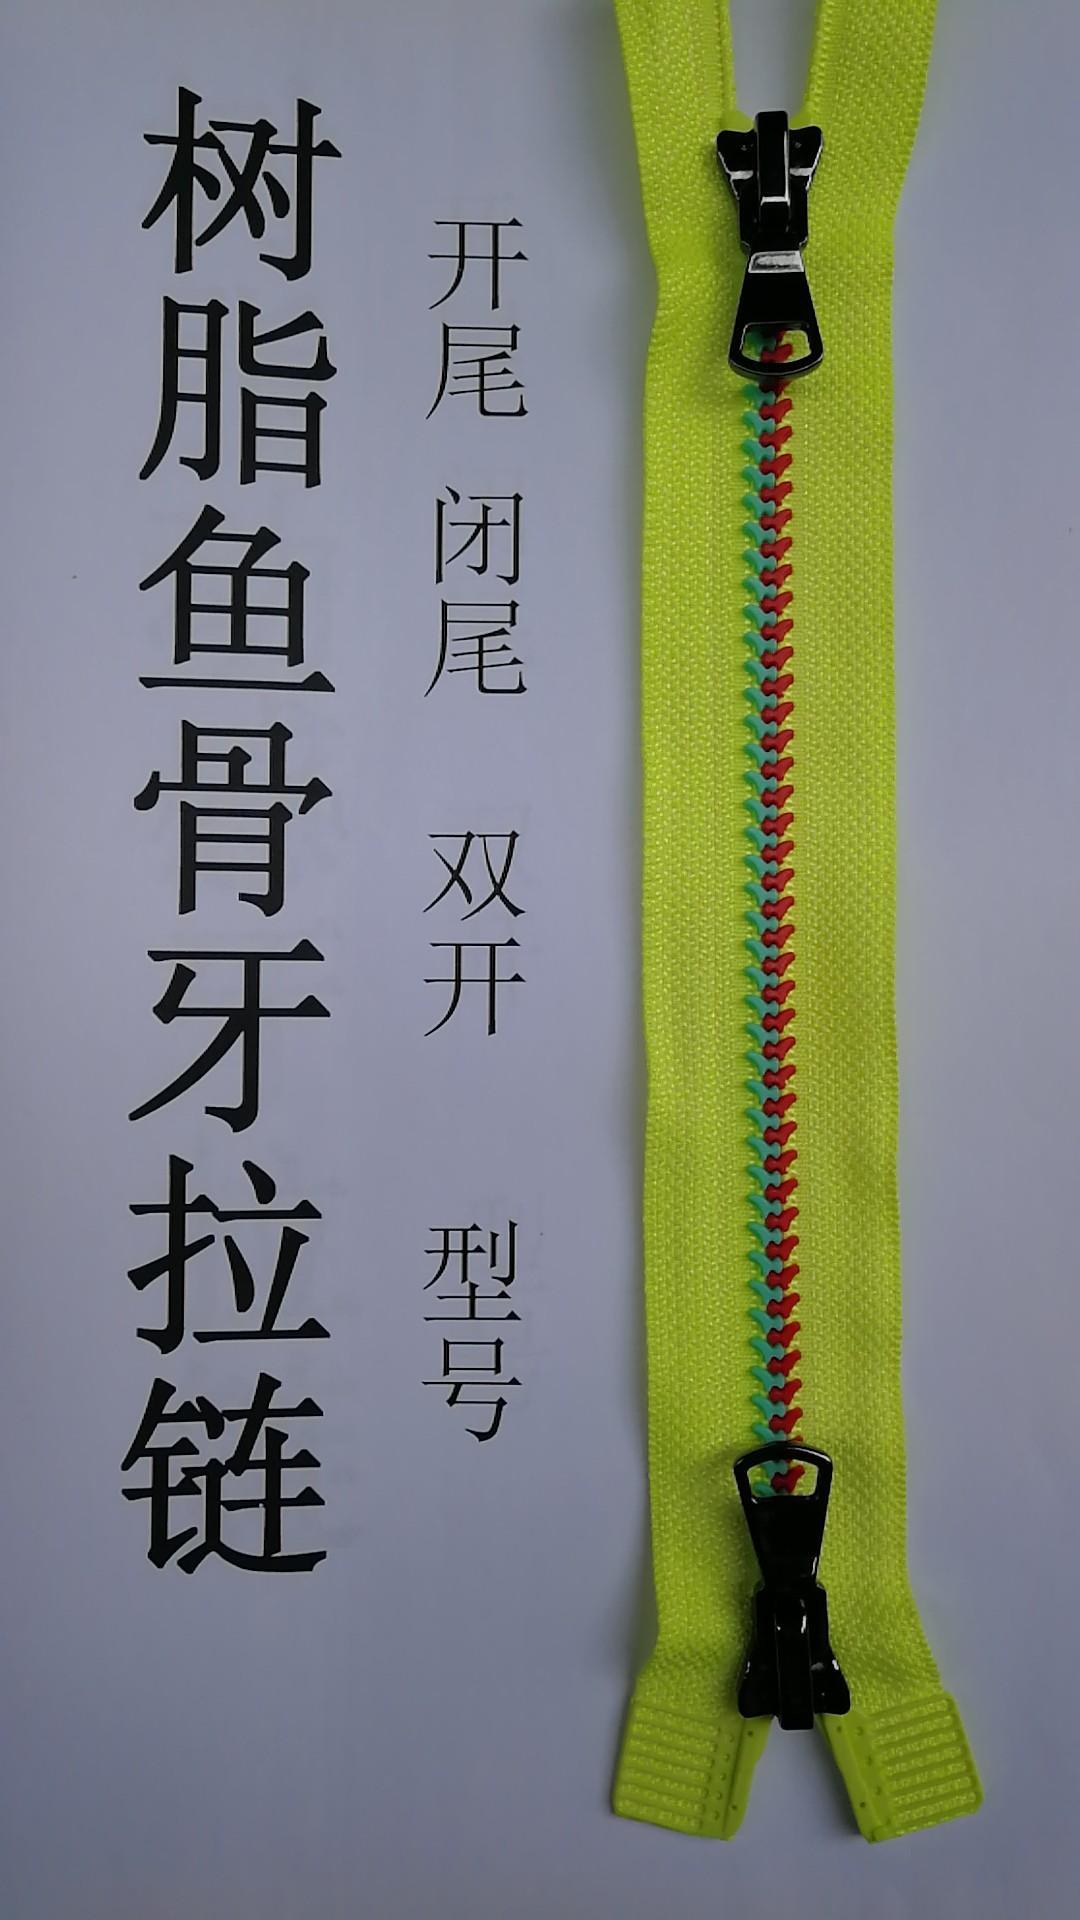 长城牙树脂链 2